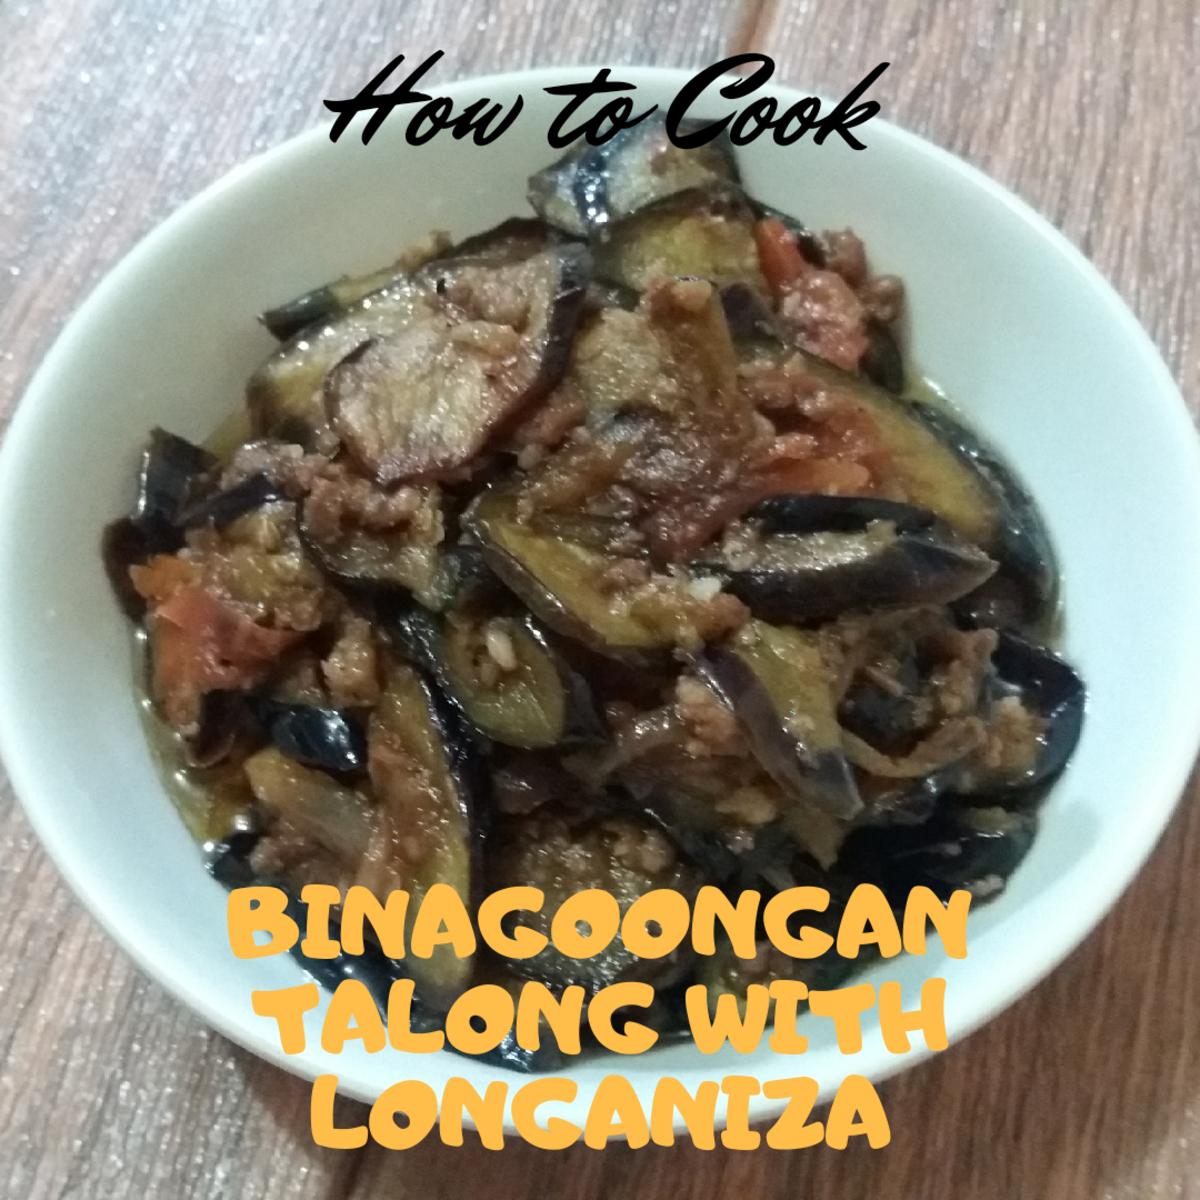 How to Cook Binagoongang Talong With Longaniza